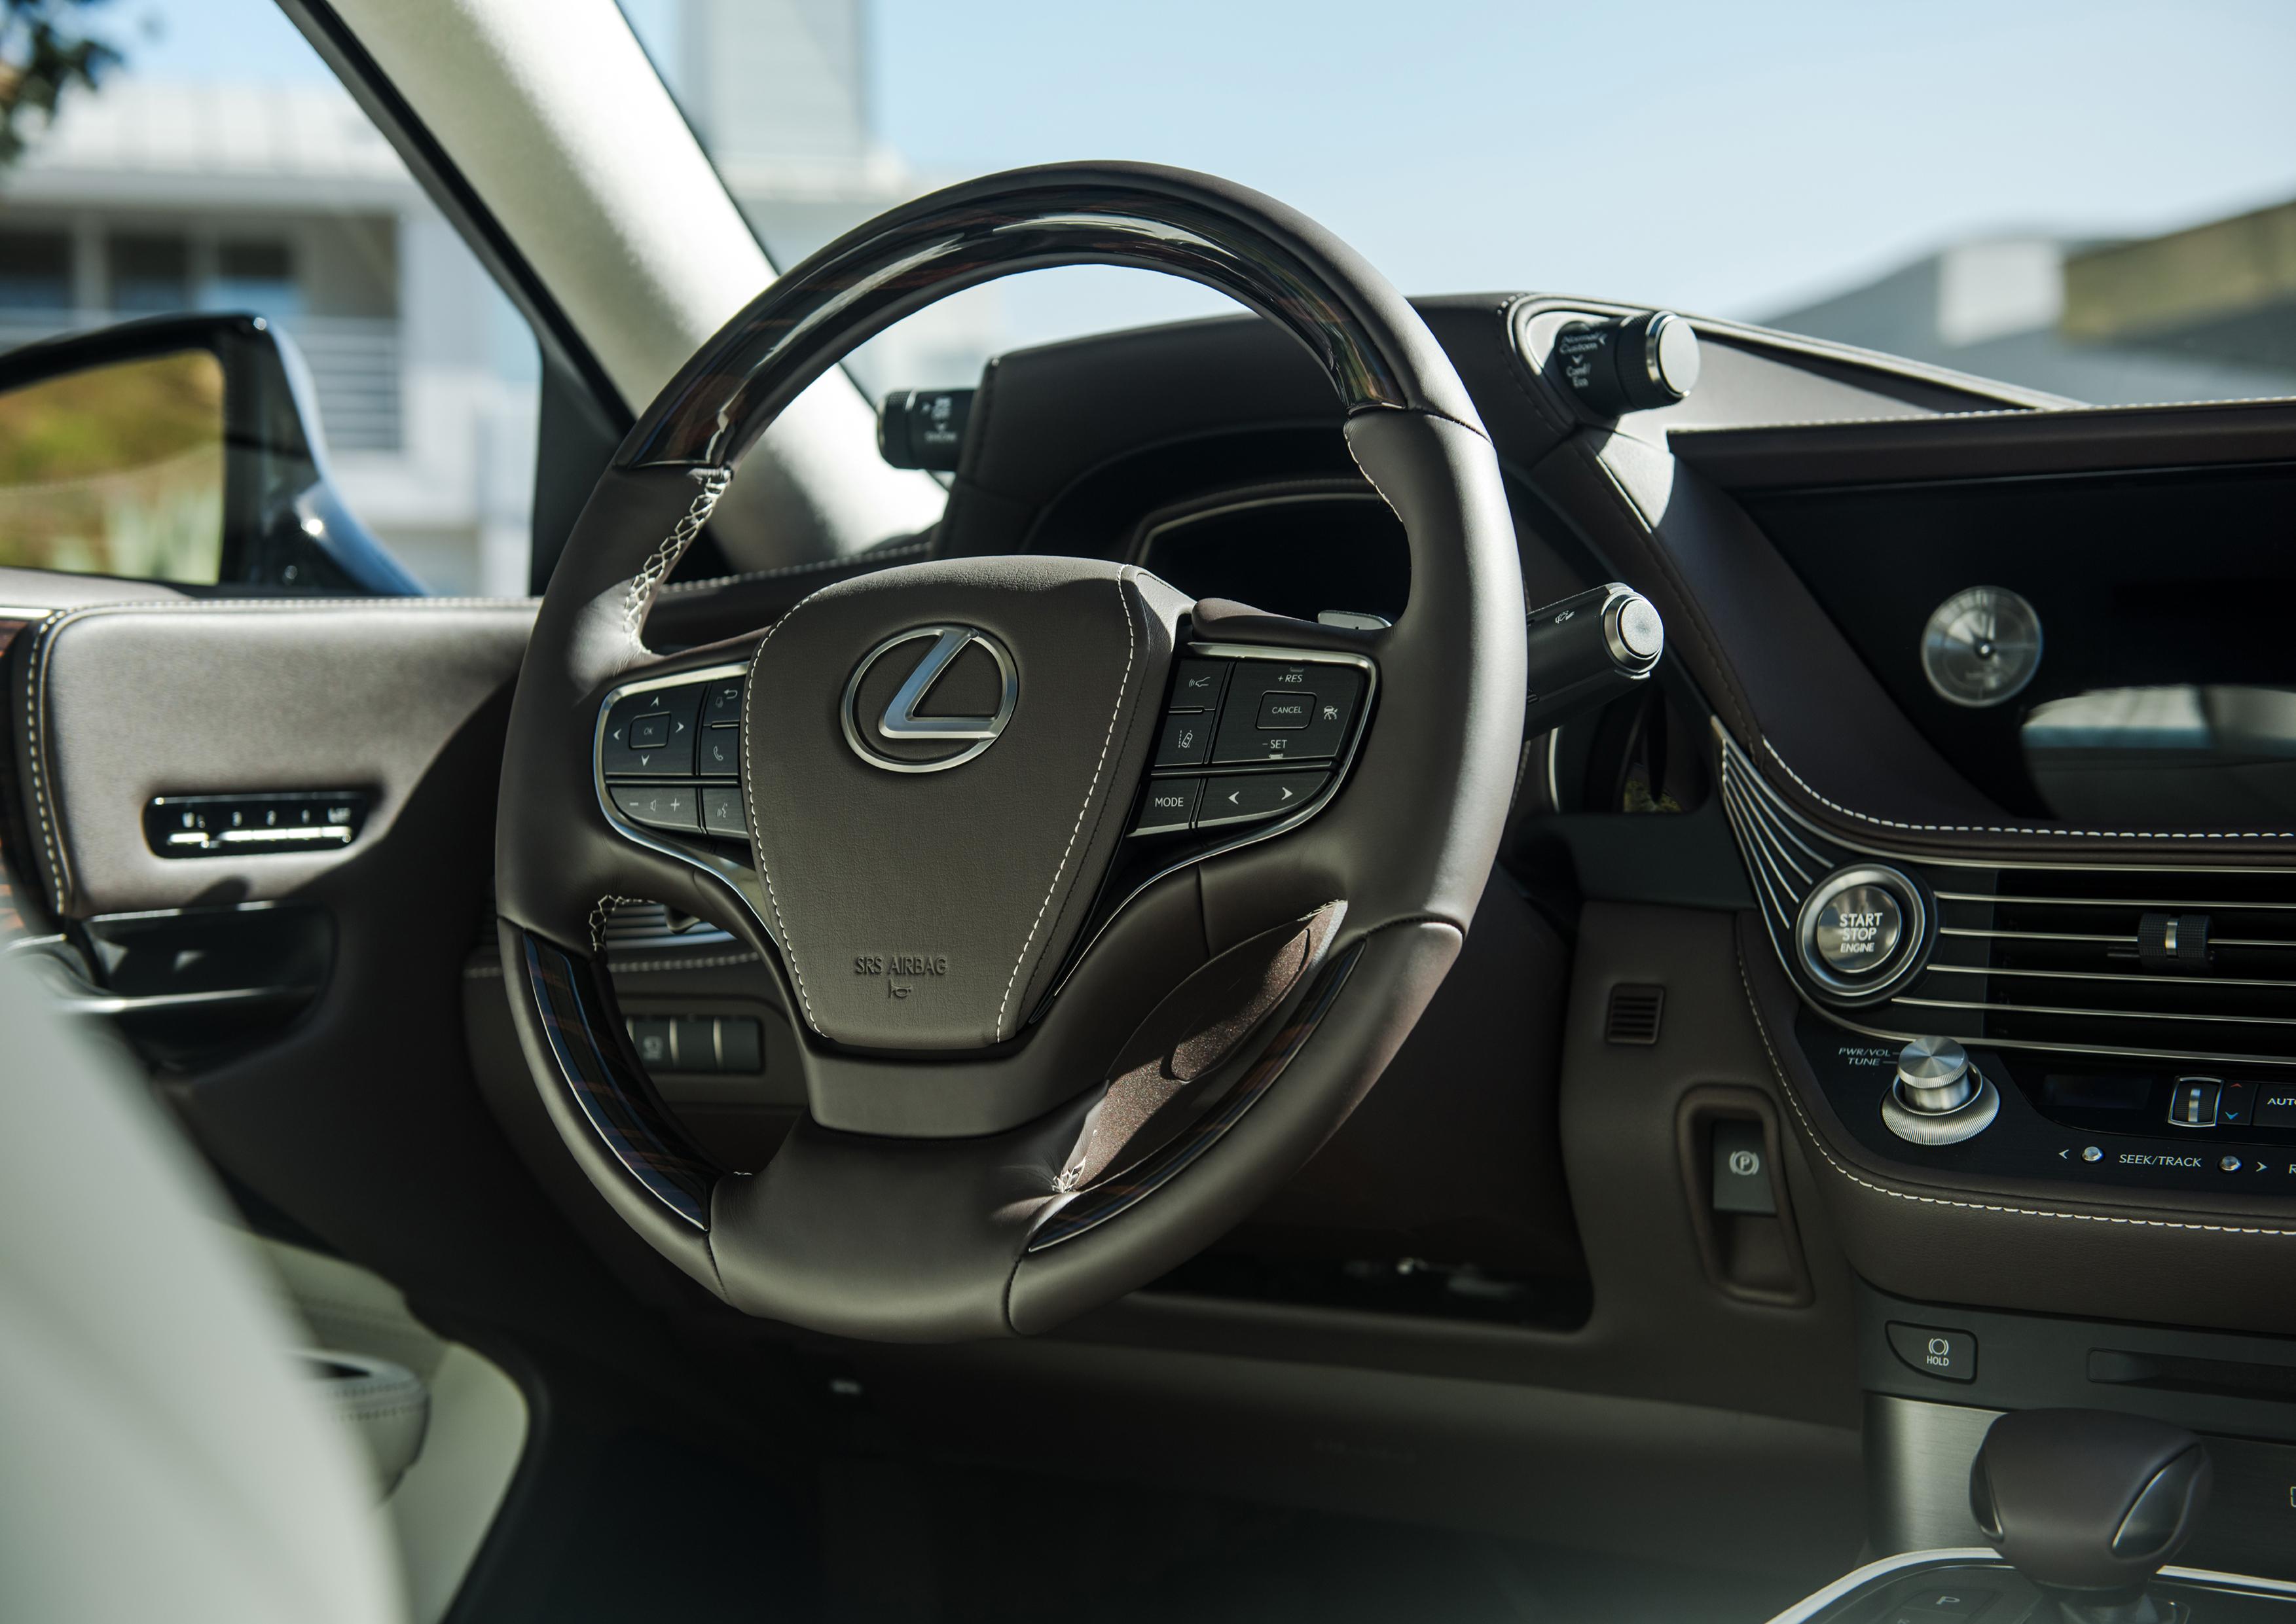 Controles dos modos de condução ficam em duas pequenas hastes na parte superior do painel